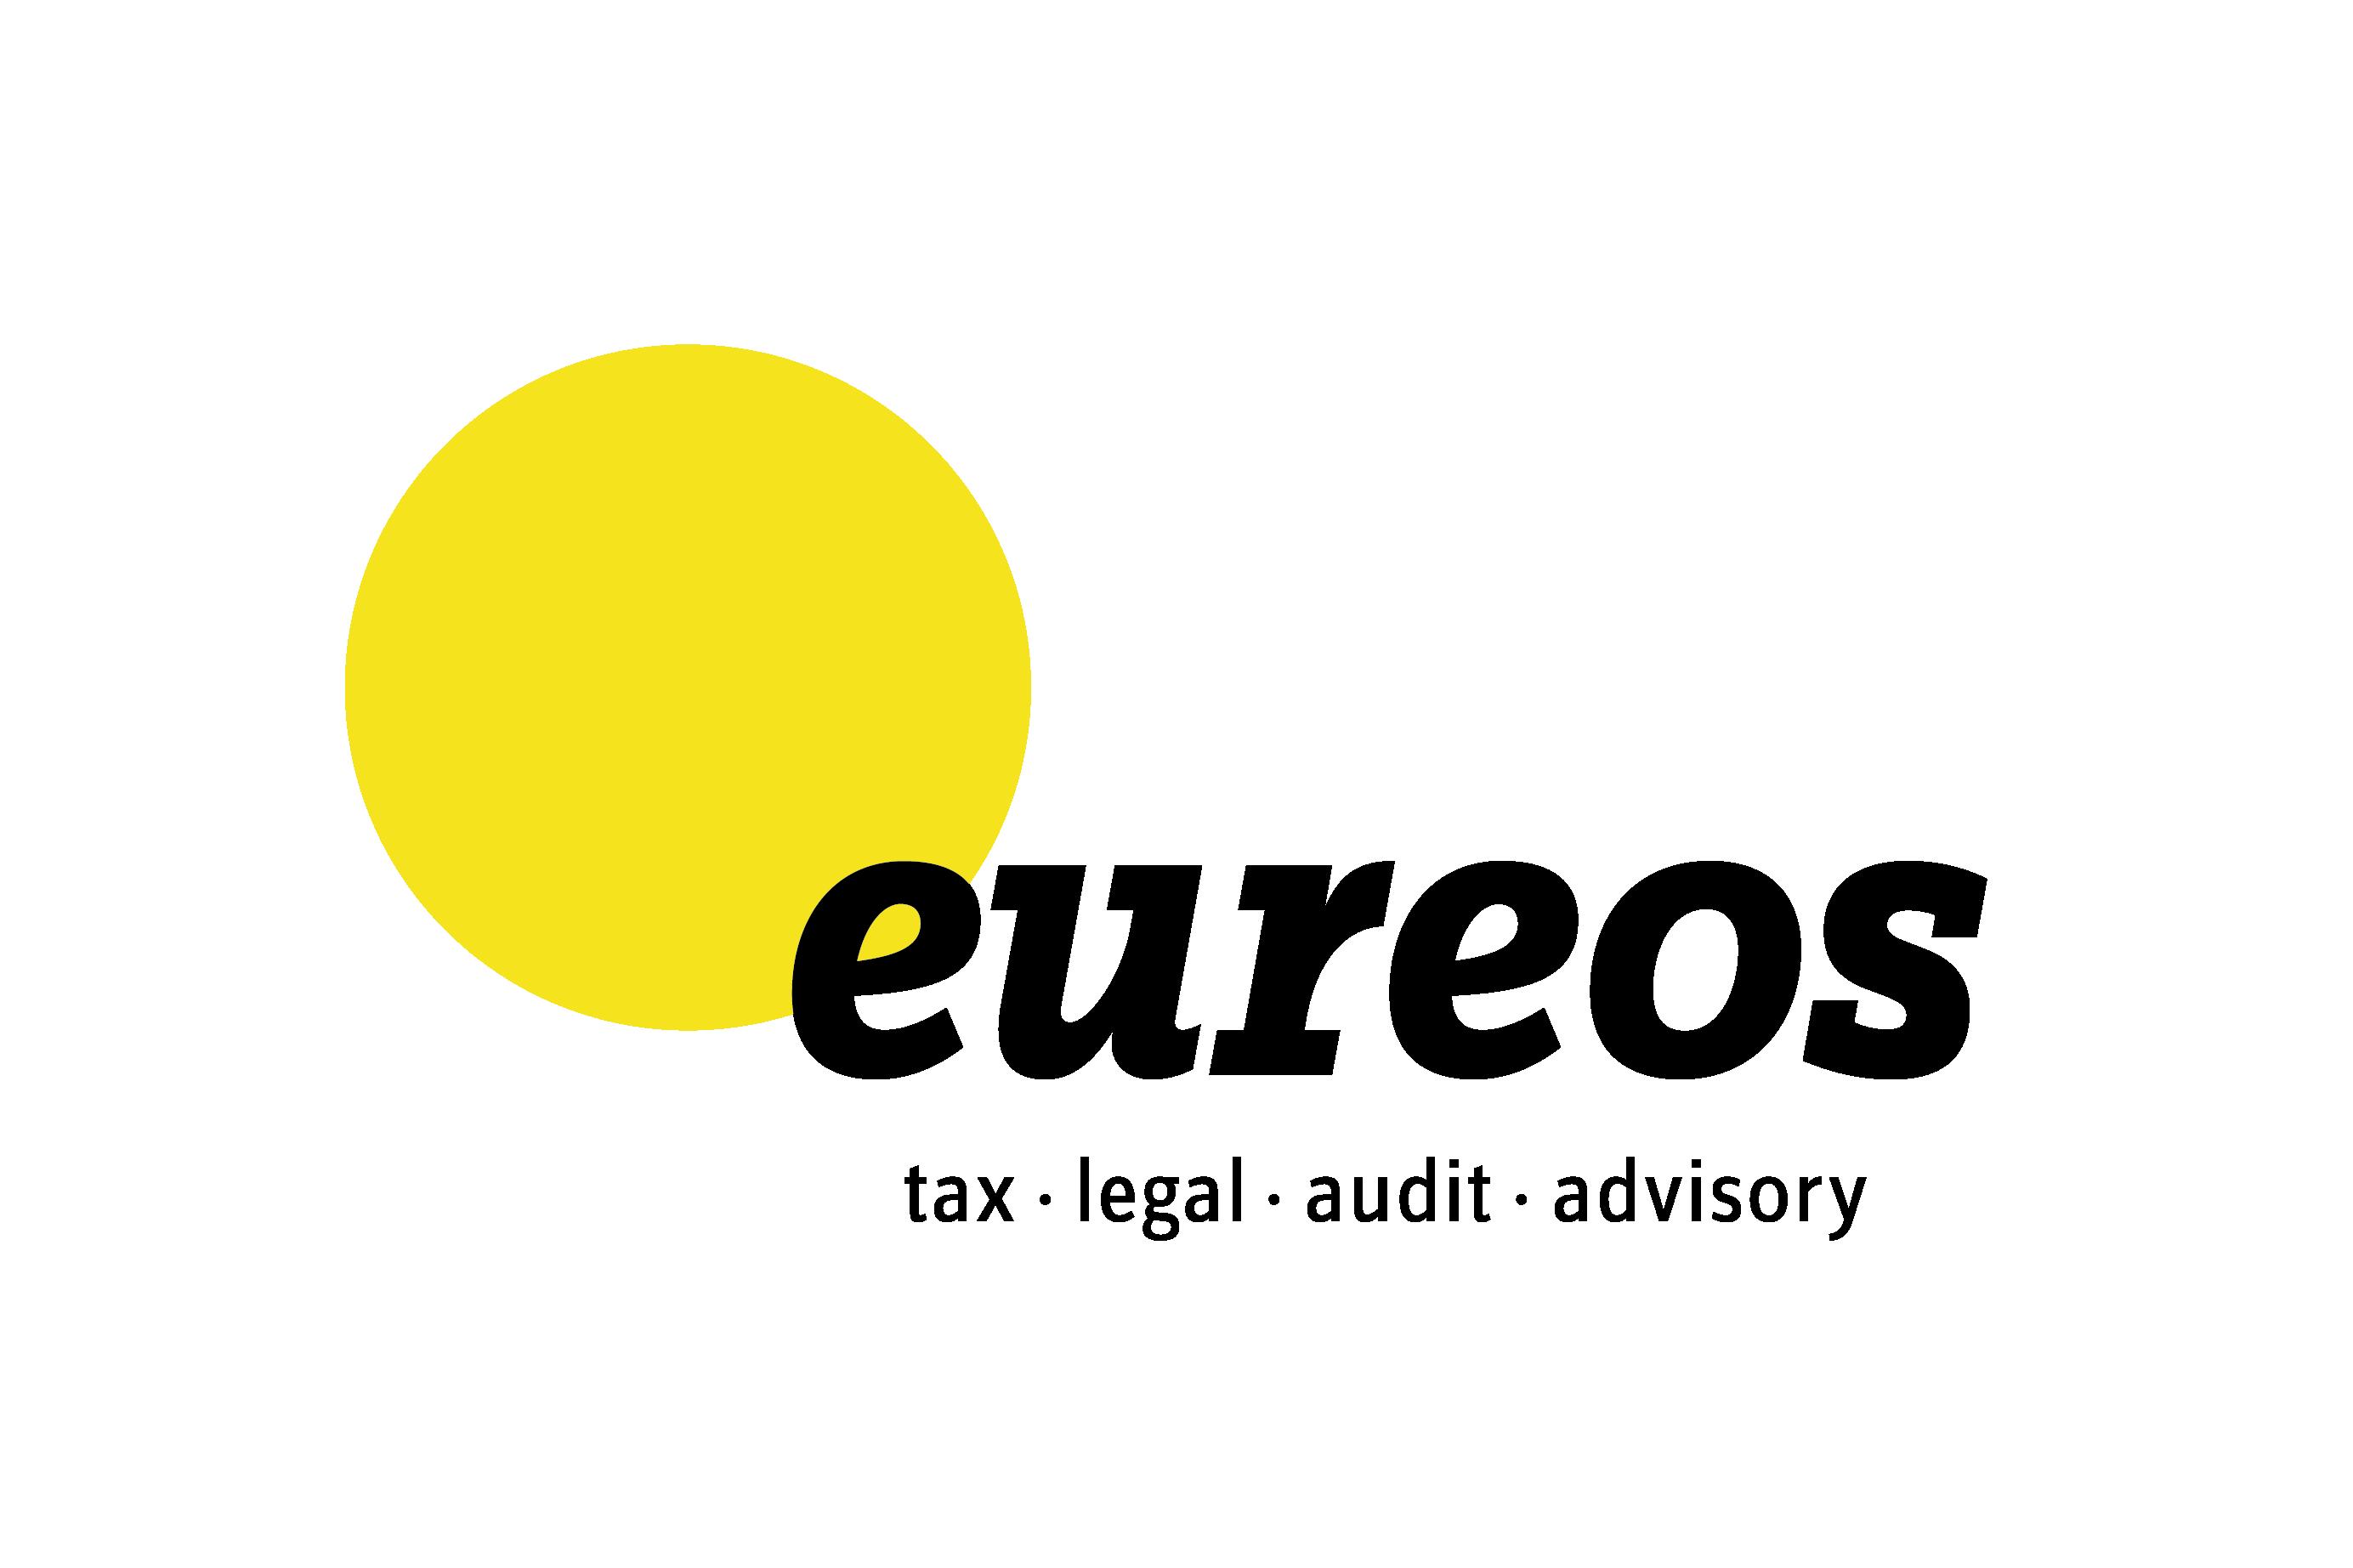 eureos gmbh steuerberatungsgesellschaft rechtsanwaltsgesellschaft logo